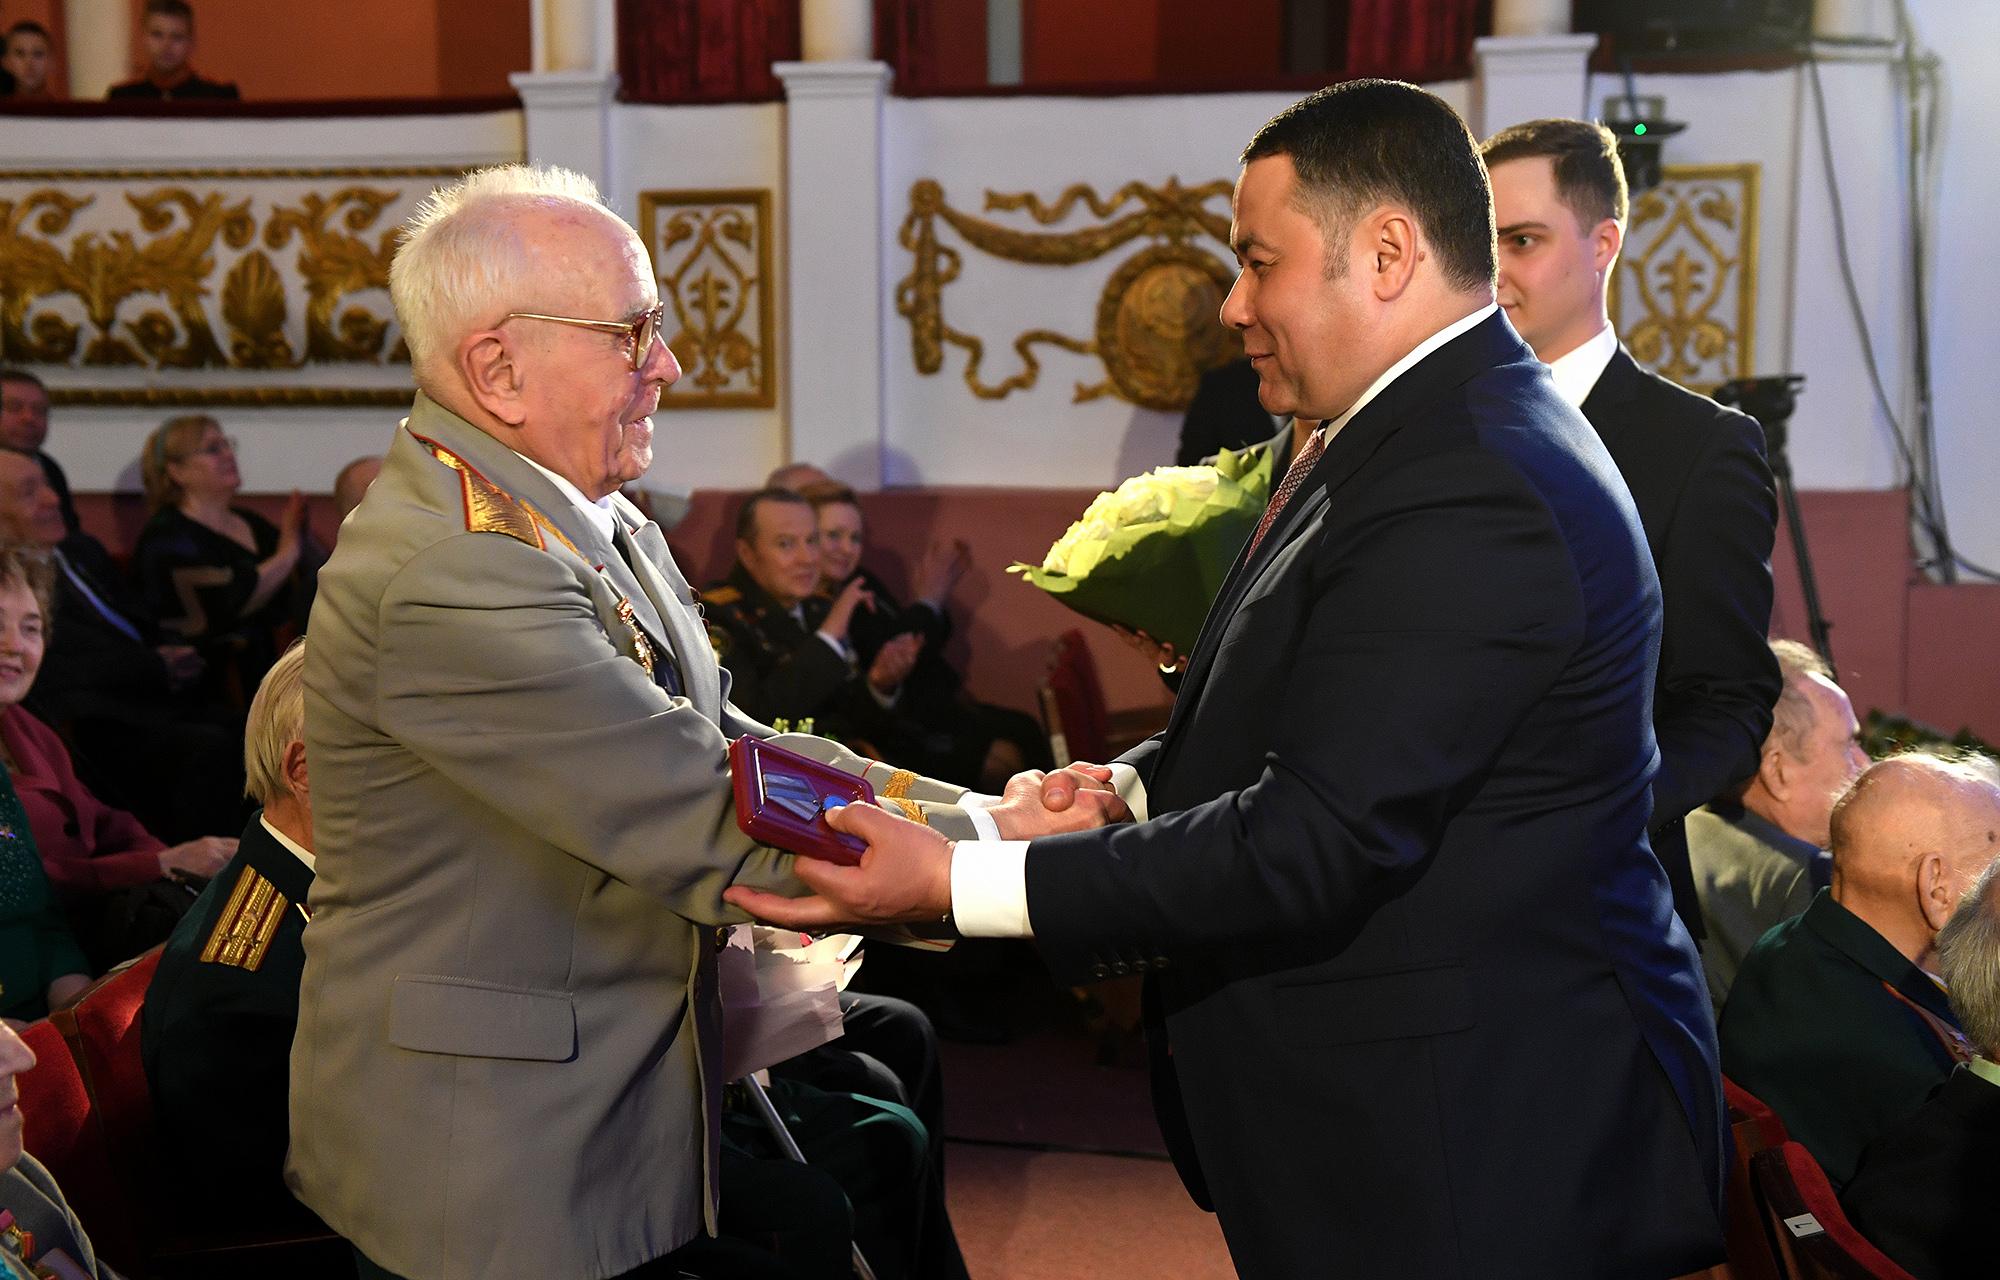 Тверь помнит: Фоторепортаж с вручения медалей «75 лет Победы в Великой Отечественной войне»